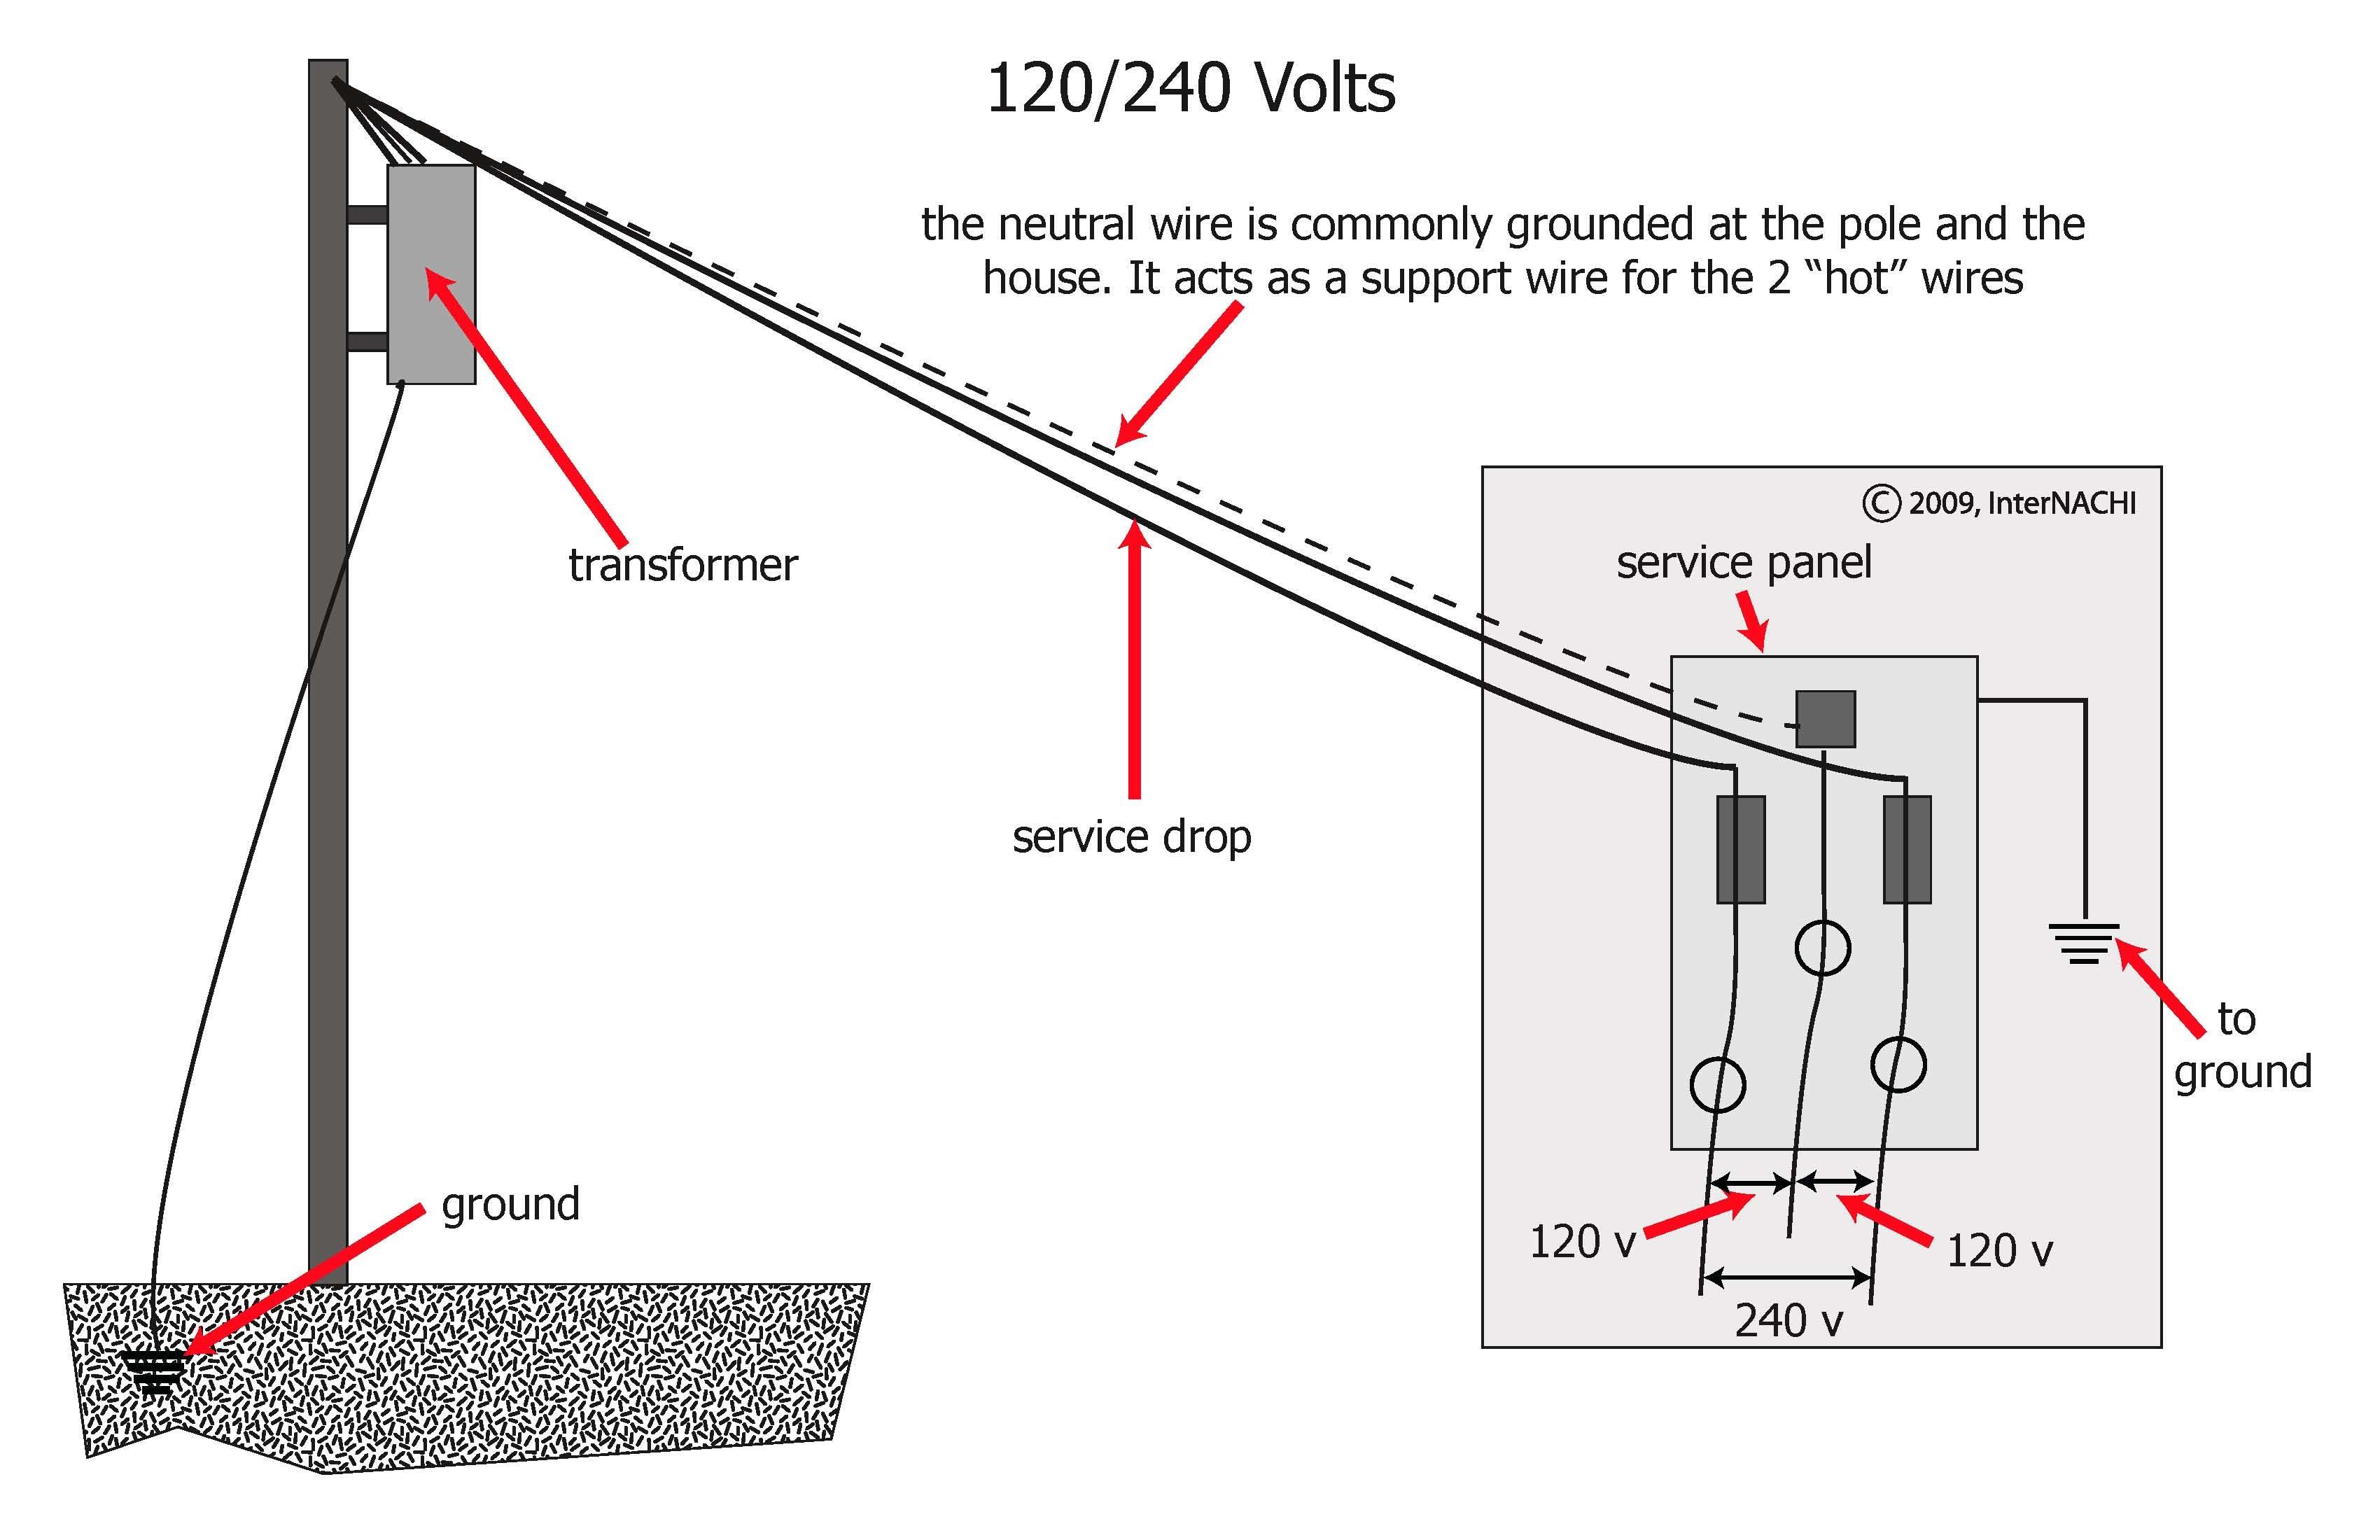 120/240 volts.